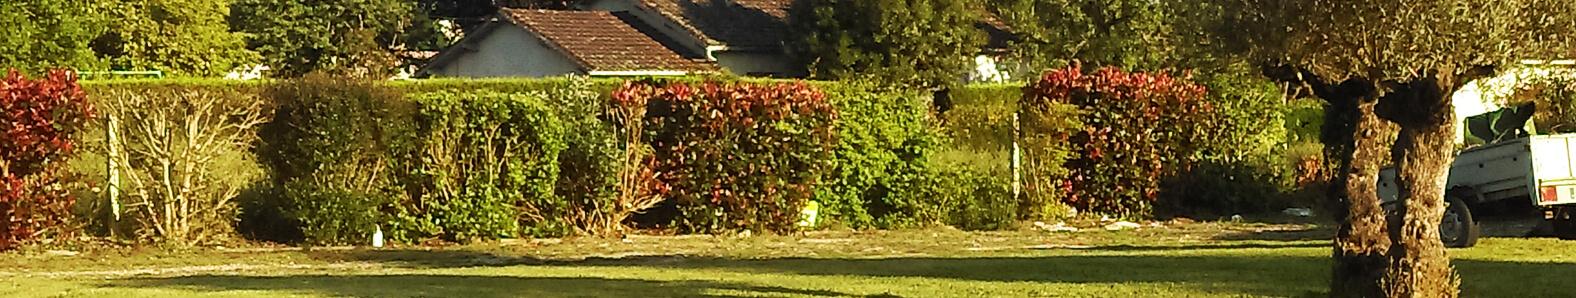 Ma onnerie g n rale d coration int rieure pr s de for Ma maison et mon jardin